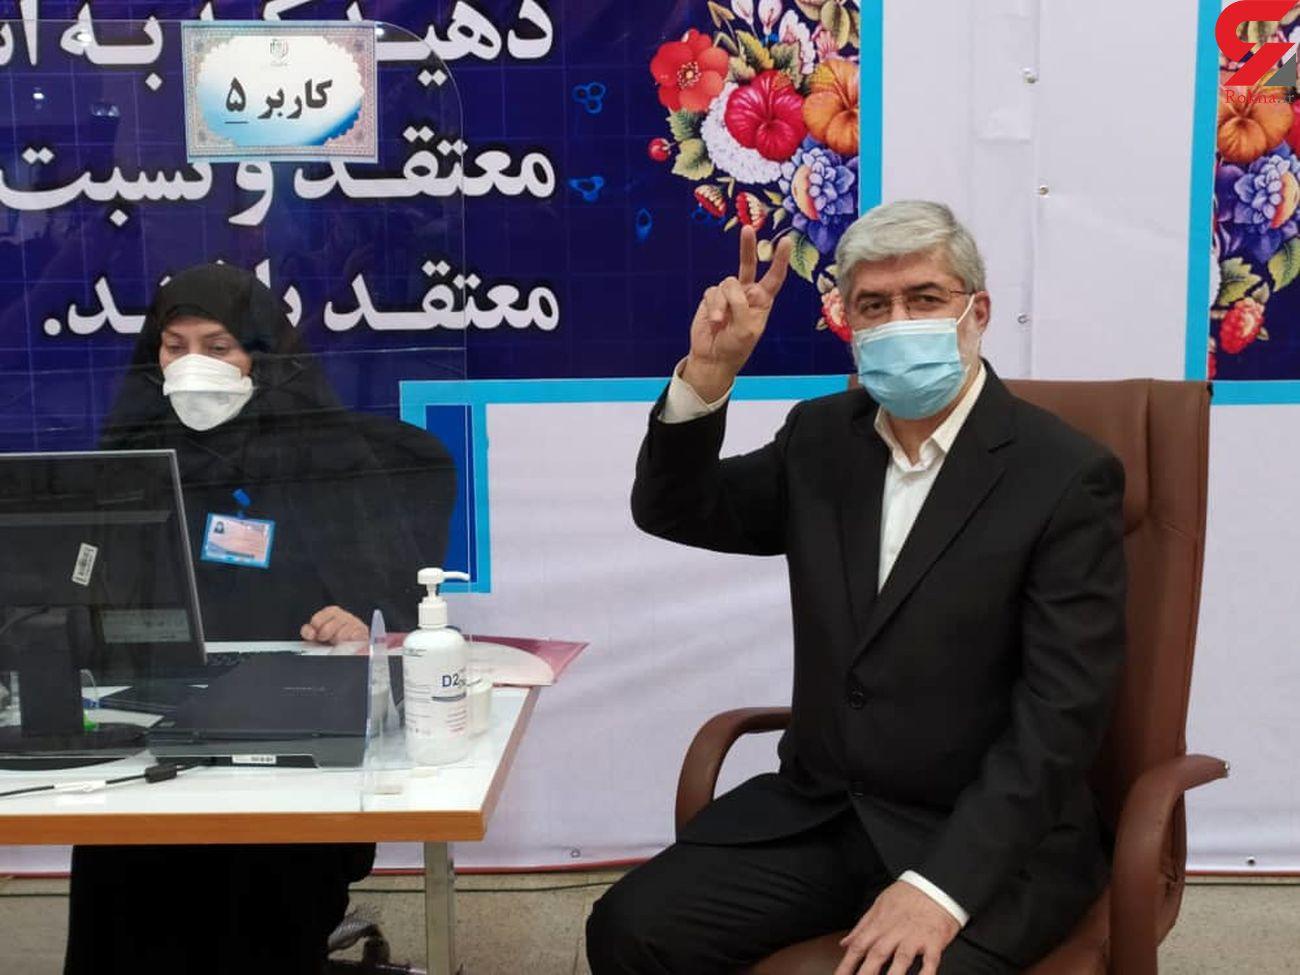 علی مطهری: شورای نگهبان در انتخابات 1400 کاسه داغ تر از آش نشود / حجاب اسلامی اجباری نیست + فیلم